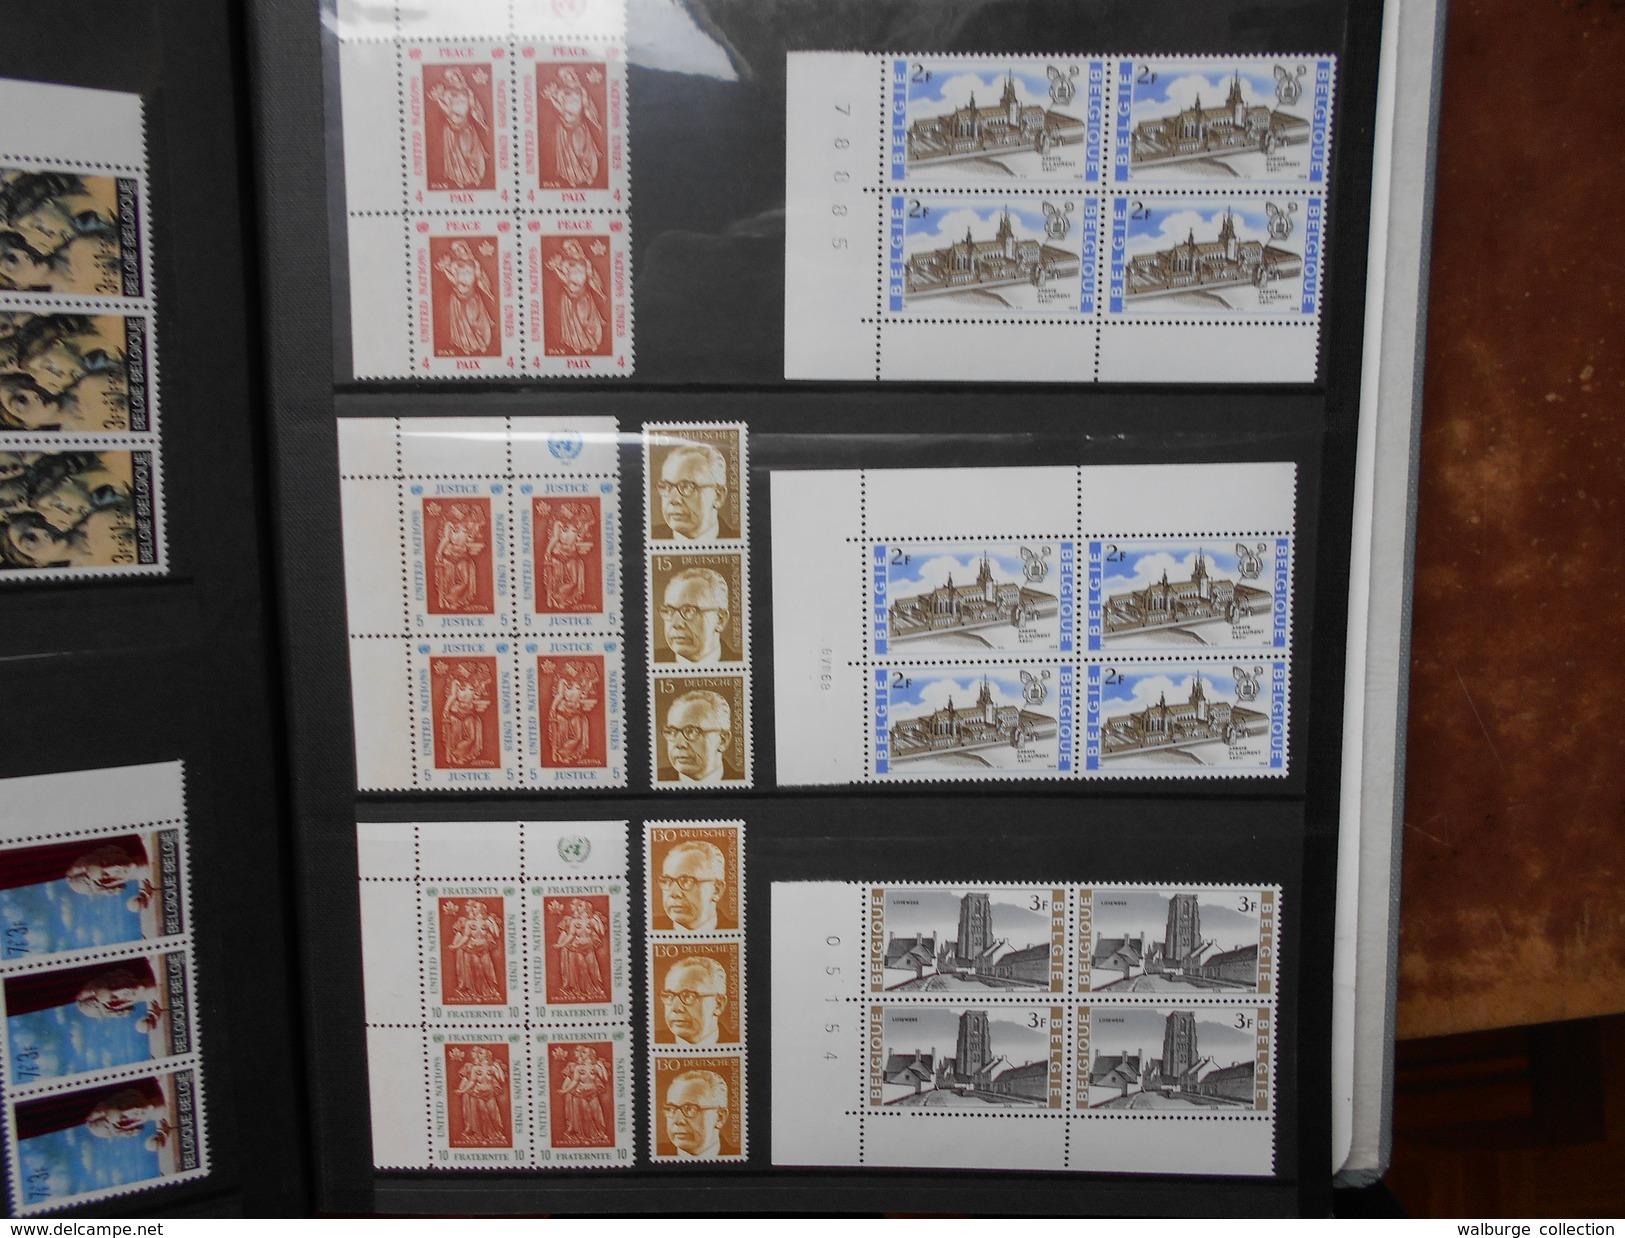 DEPART 1 EURO ! BELGIQUE (MAJORITES) + EUROPE TOUT EN NEUF ET BLOCS DE 4. (1909) 2 KILOS 300 - Belgique